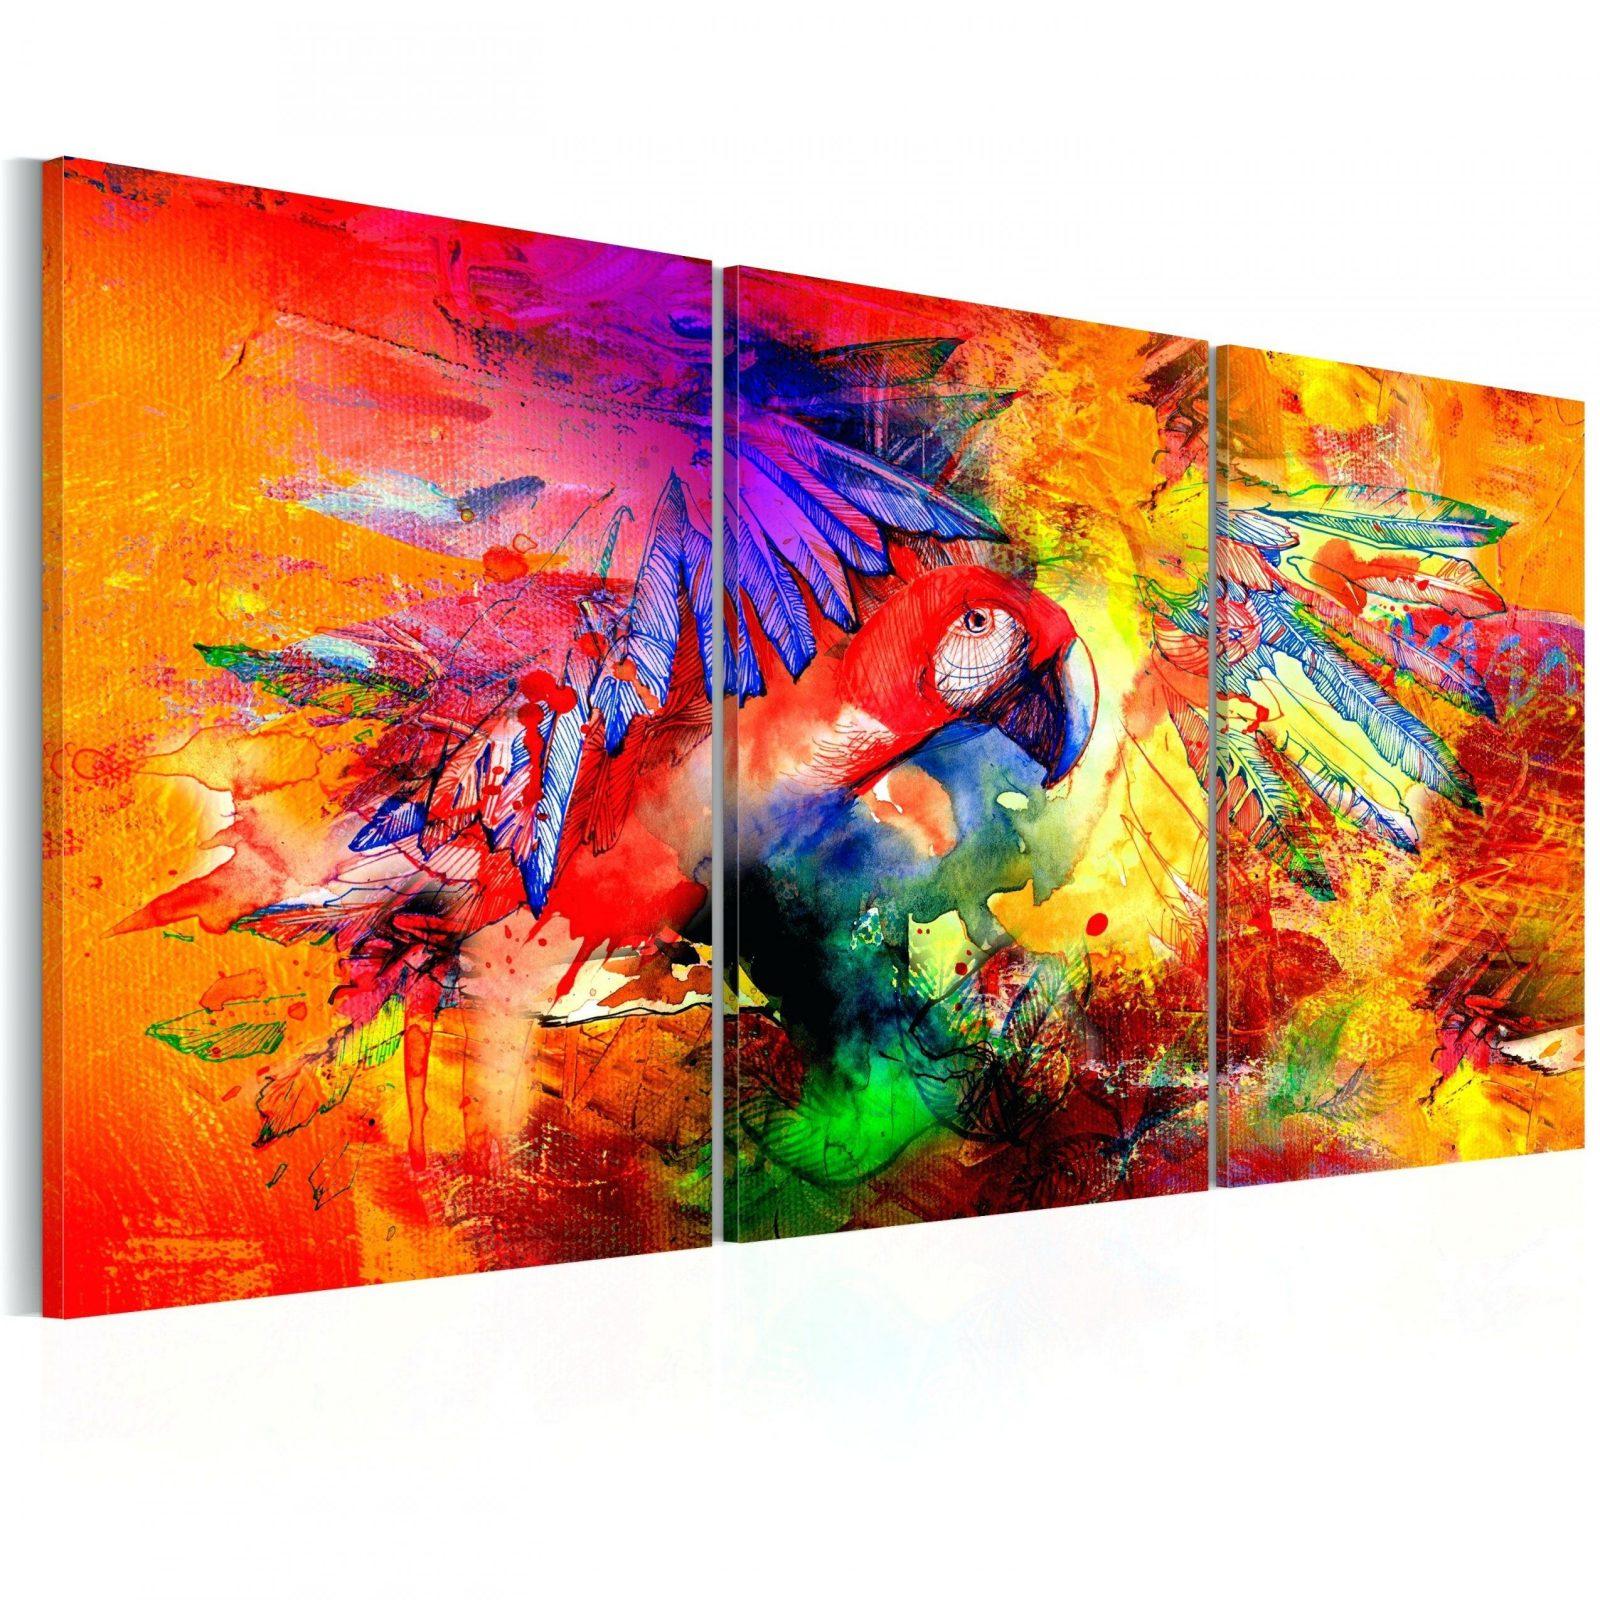 Gemalte Bilder Auf Leinwand : gemalte bilder auf leinwand abstrakt aliexpress abstrakte ~ A.2002-acura-tl-radio.info Haus und Dekorationen